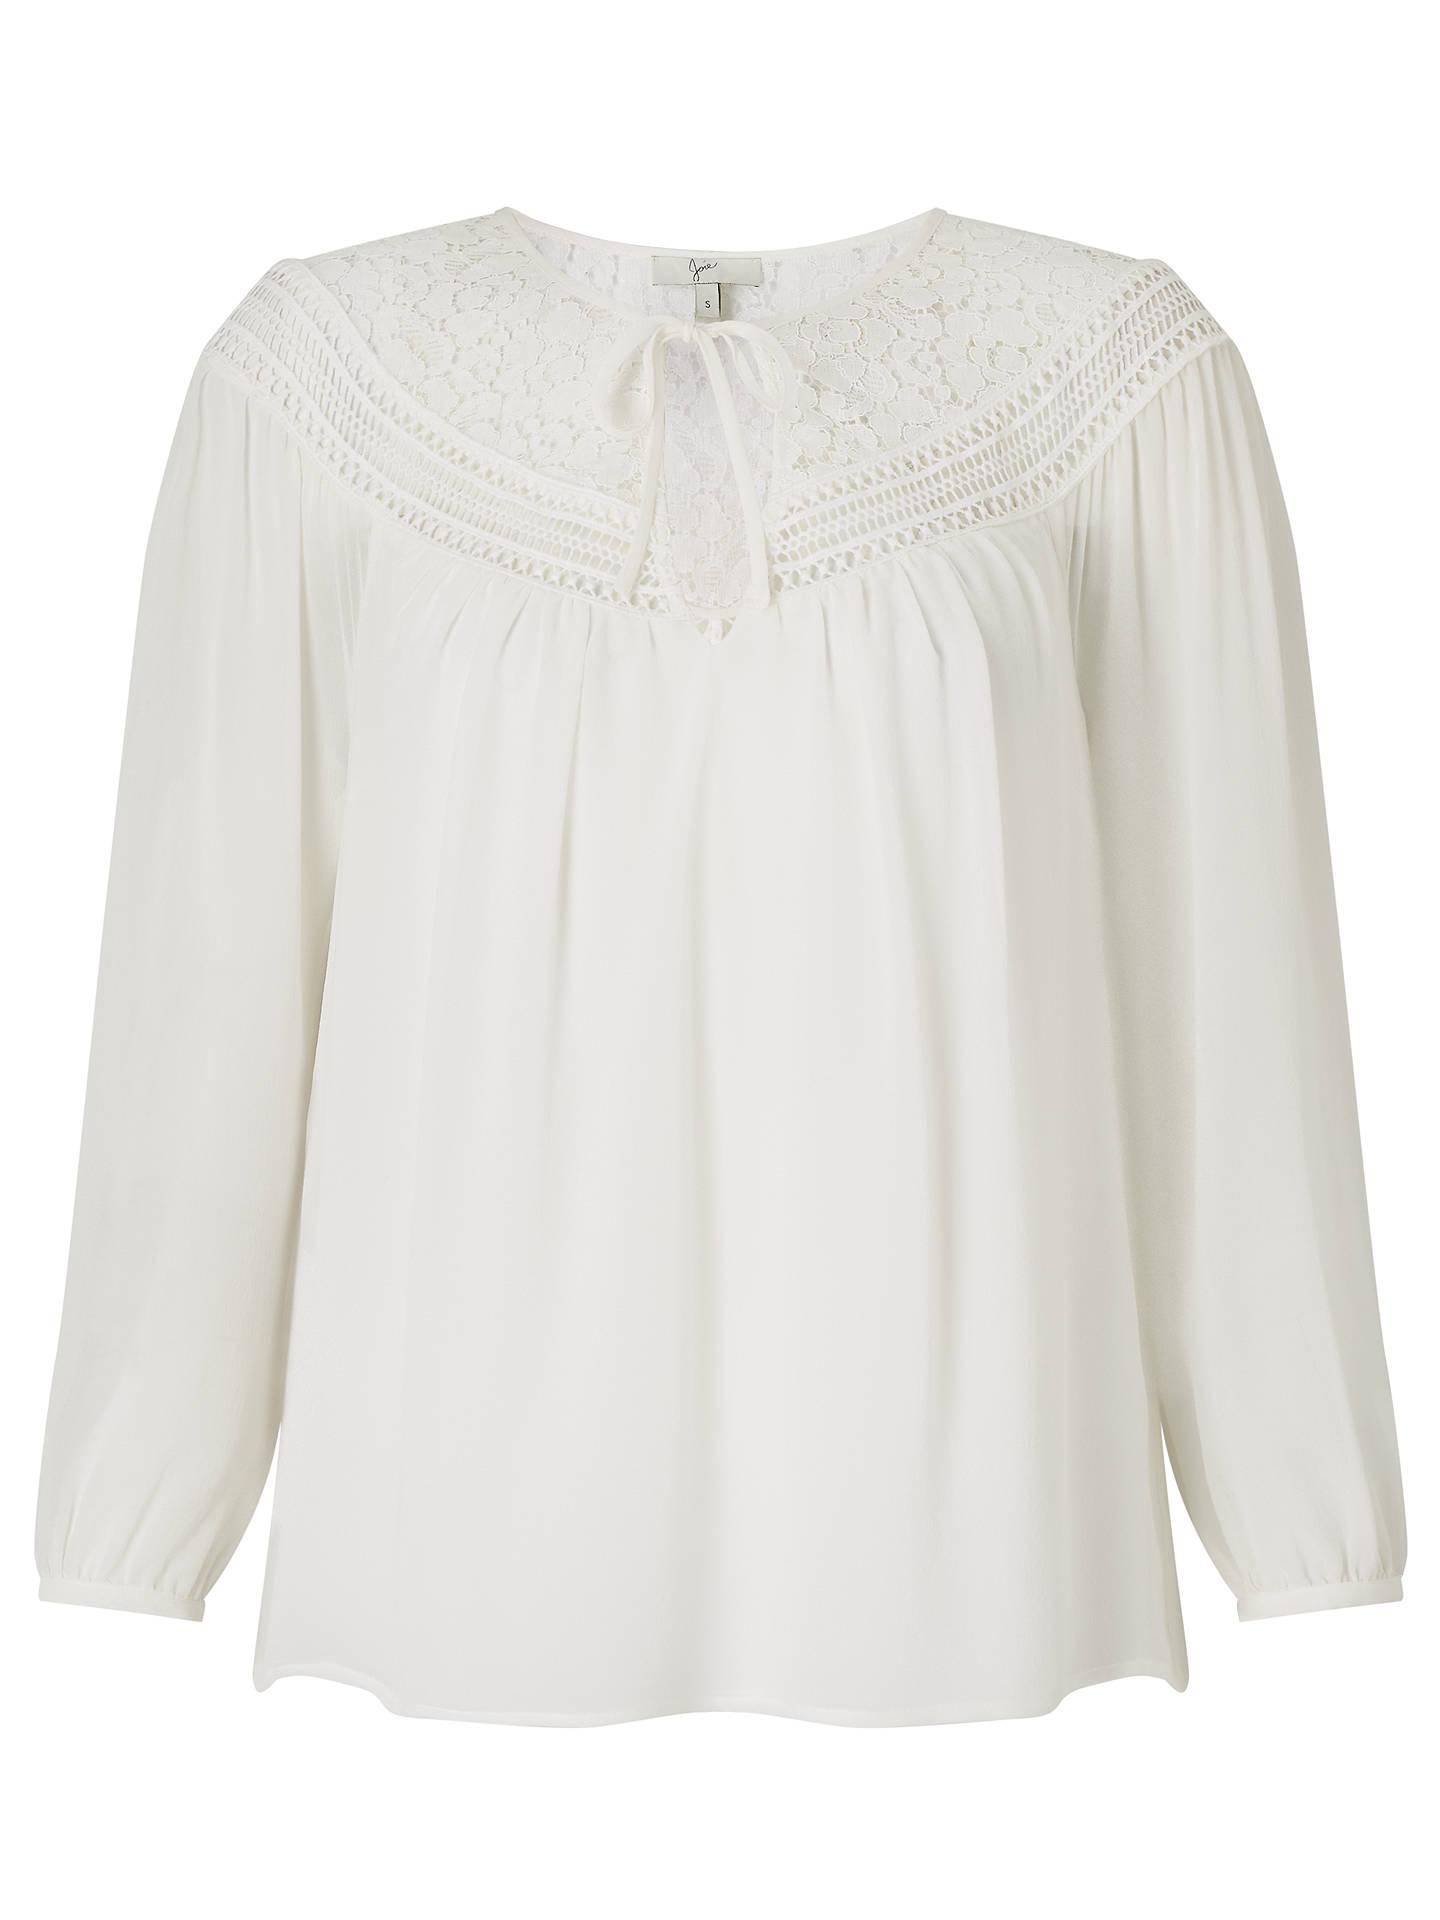 e629e0c47ce83 Buy Joie Belleville Lace Insert Silk Blouse